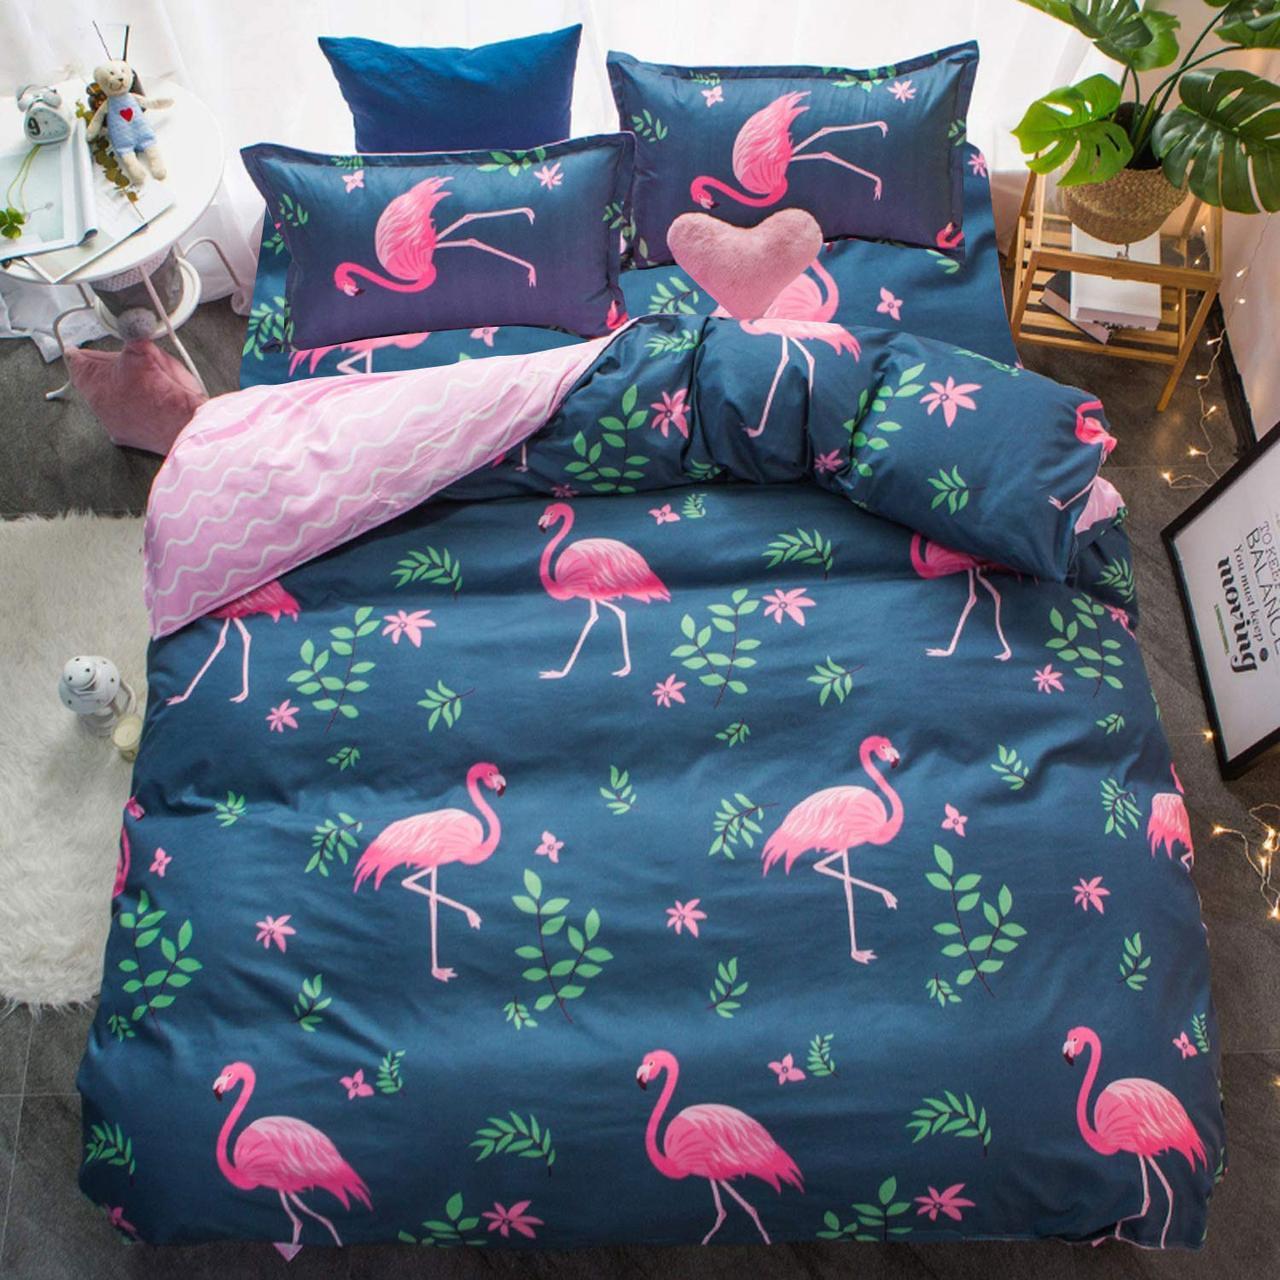 Комплект постельного белья Розовый фламинго с простынью на резинке (евро) Berni Home